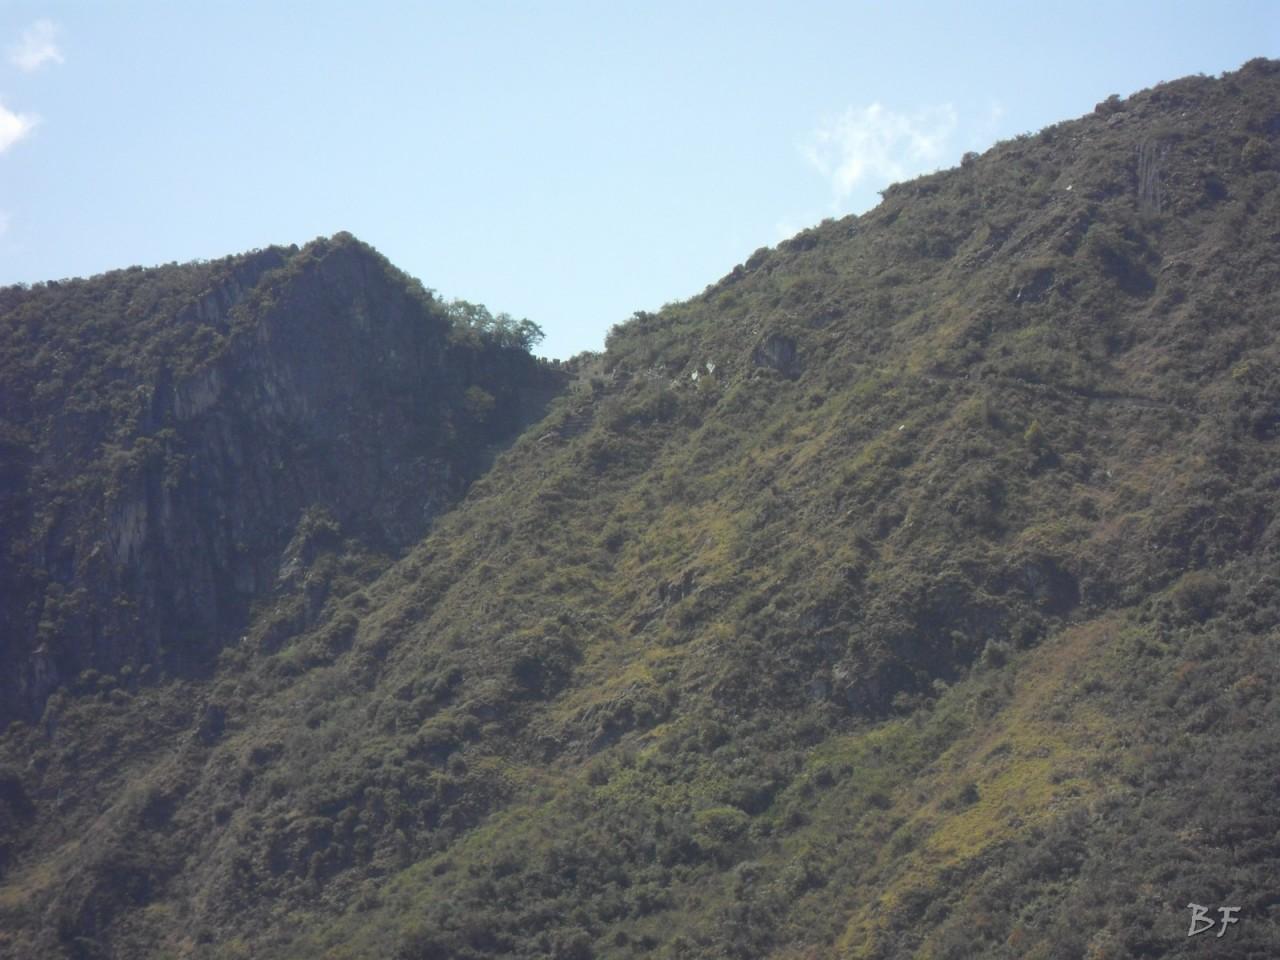 Mura-Poligonali-Incisioni-Altari-Edifici-Rupestri-Megaliti-Machu-Picchu-Aguas-Calientes-Urubamba-Cusco-Perù-22